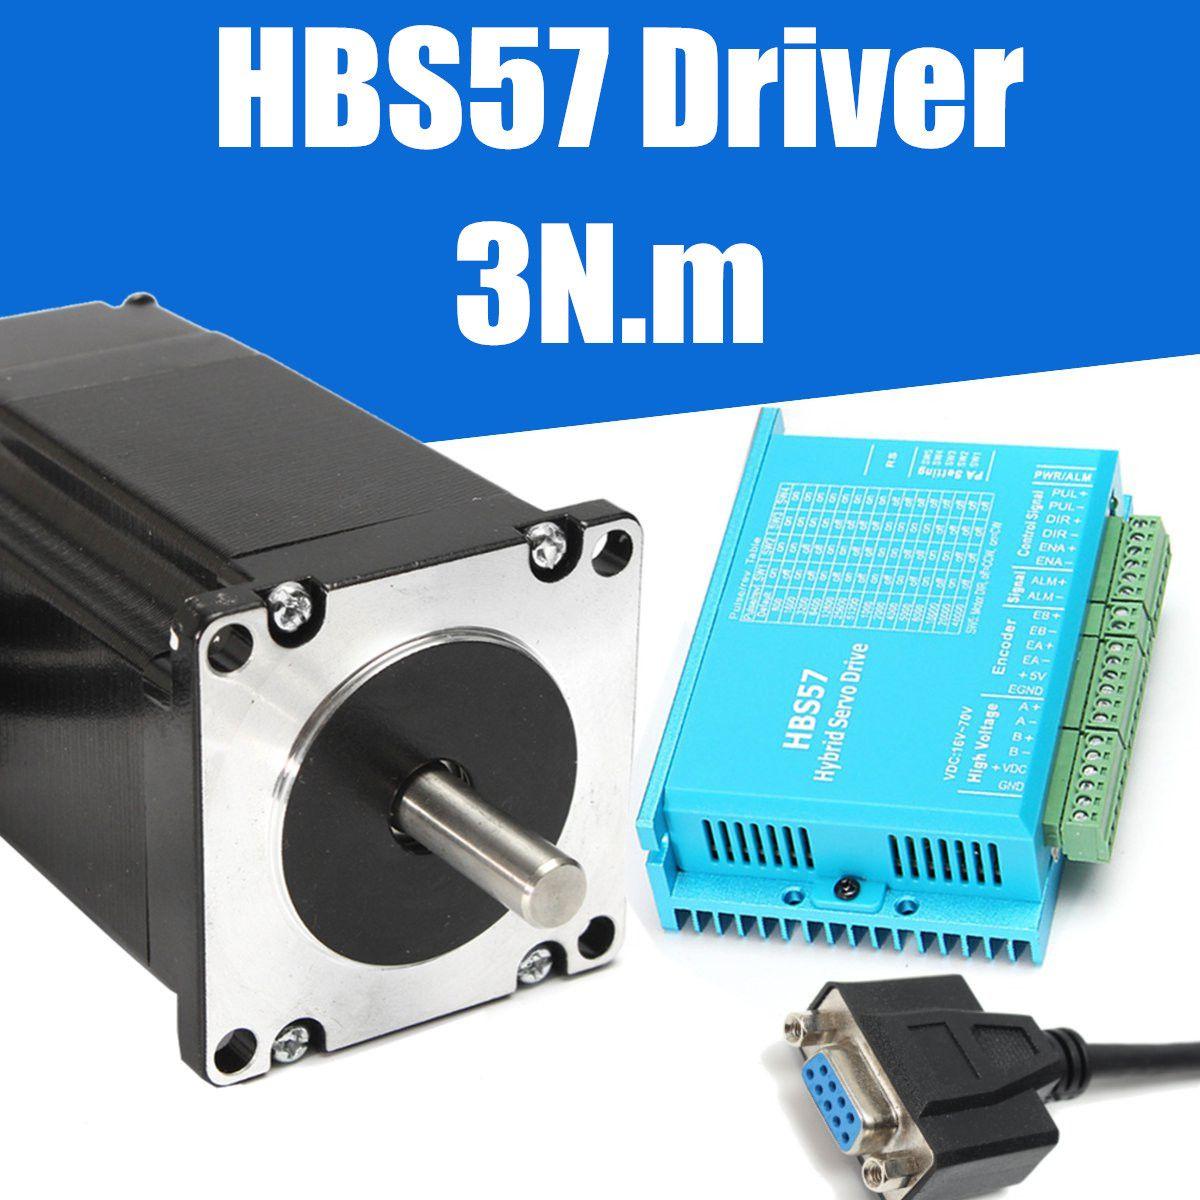 CNC HBS57 Hybrid Servo Driver Stepper Motor 3N.m Torque 57HSE2N-D25 Closed Loop